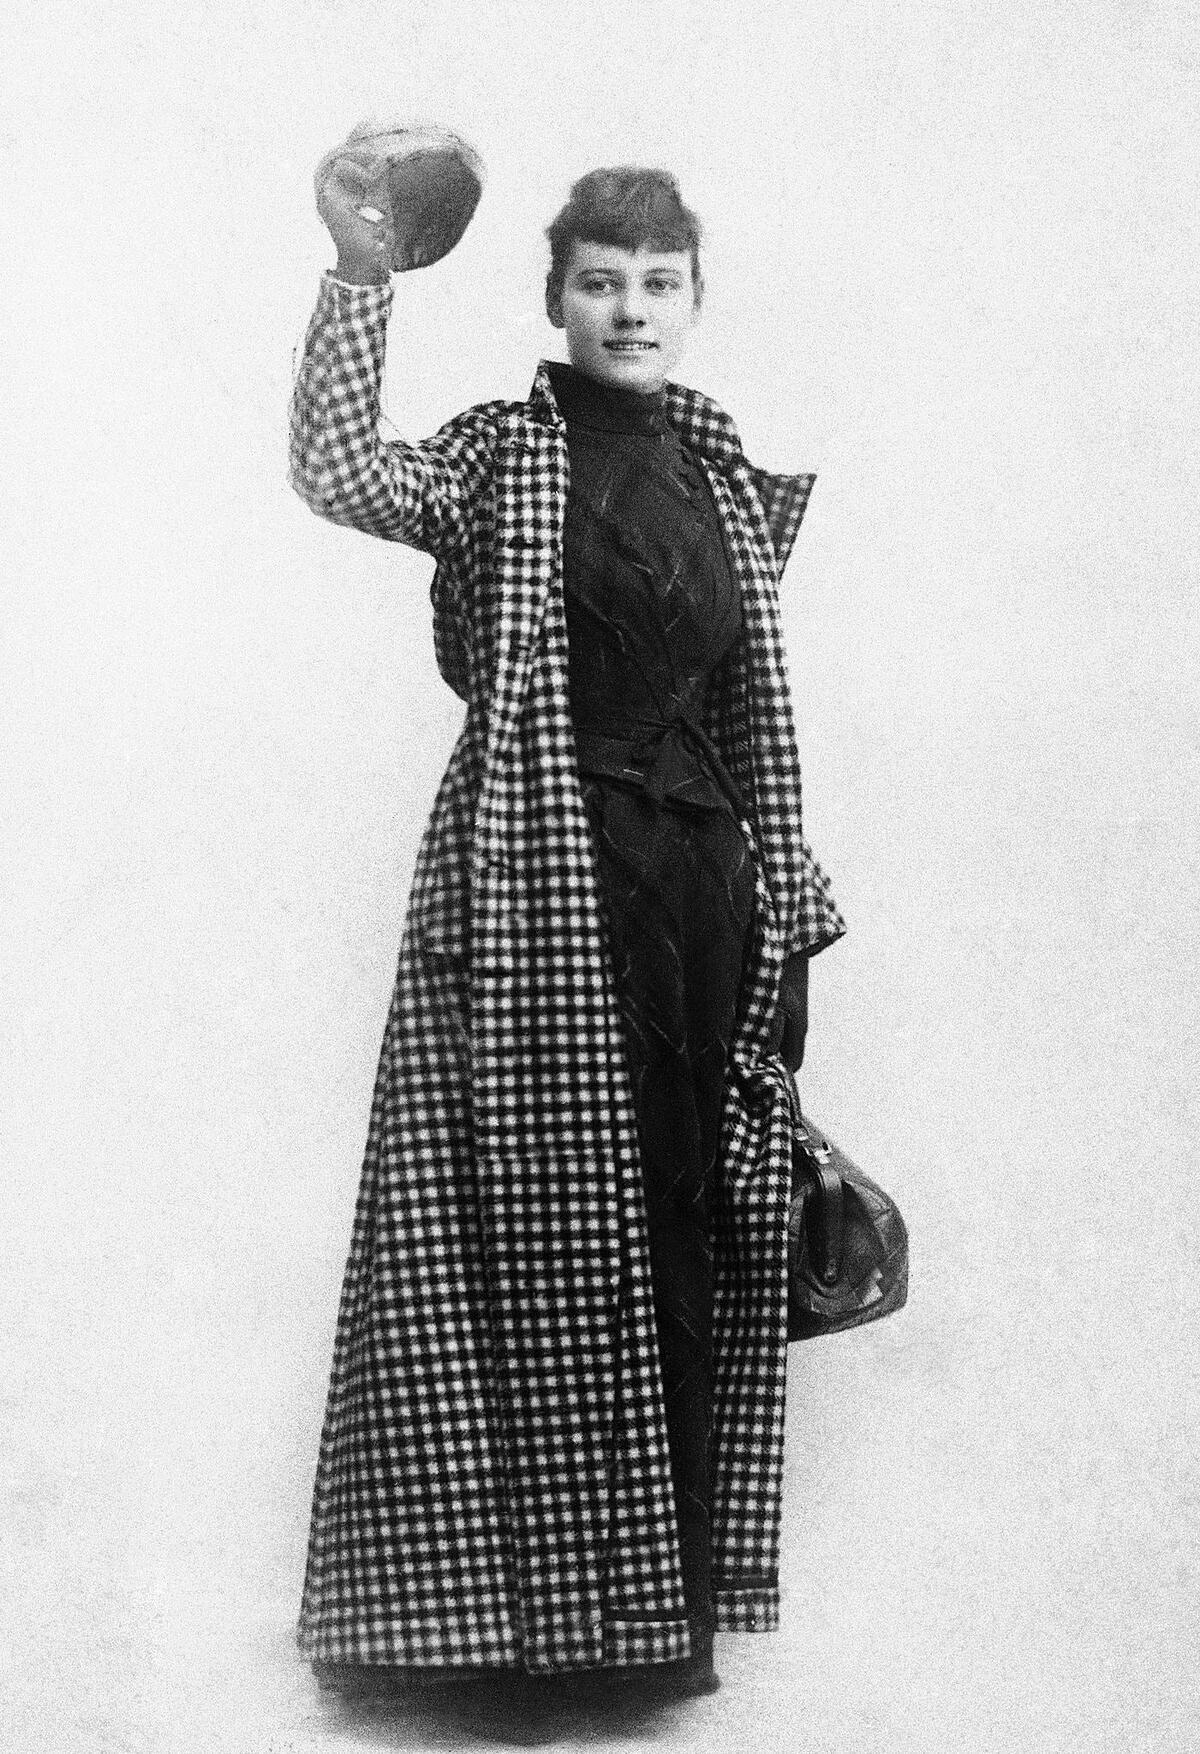 Nellie Bly cùng hành trang gọn nhẹ lên đường. Ảnh: AP